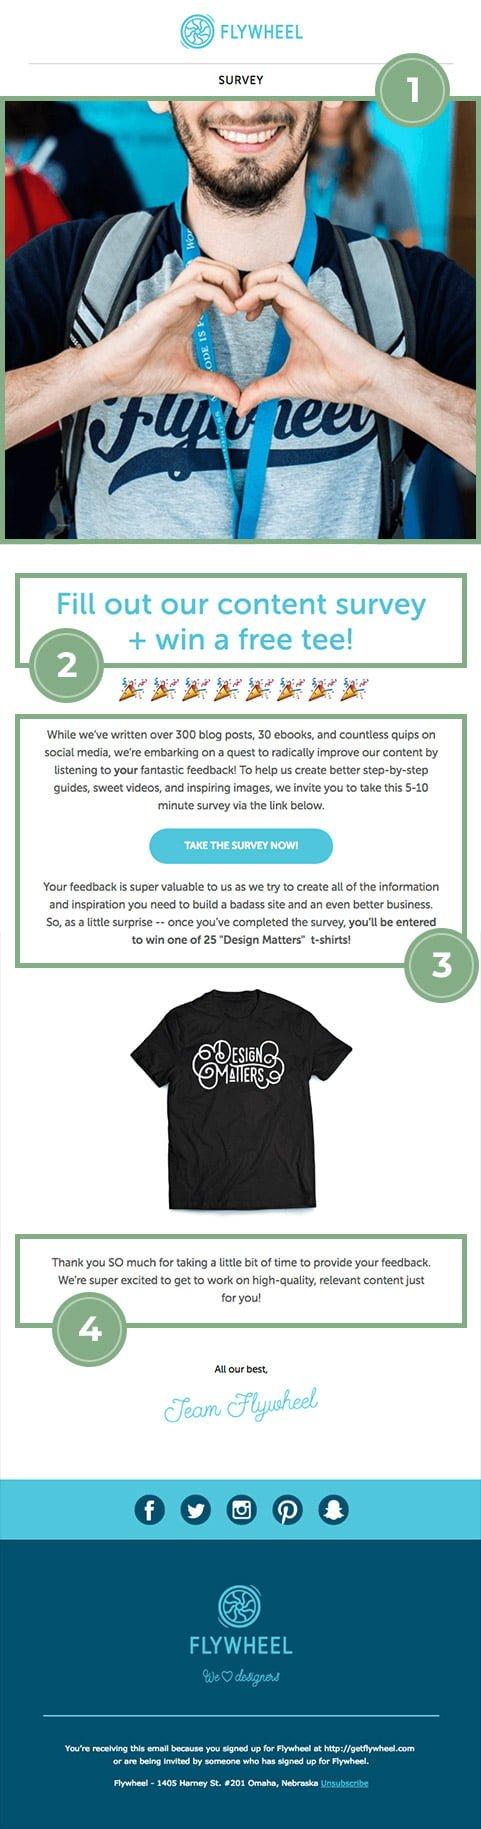 flywheel customer feedback email example